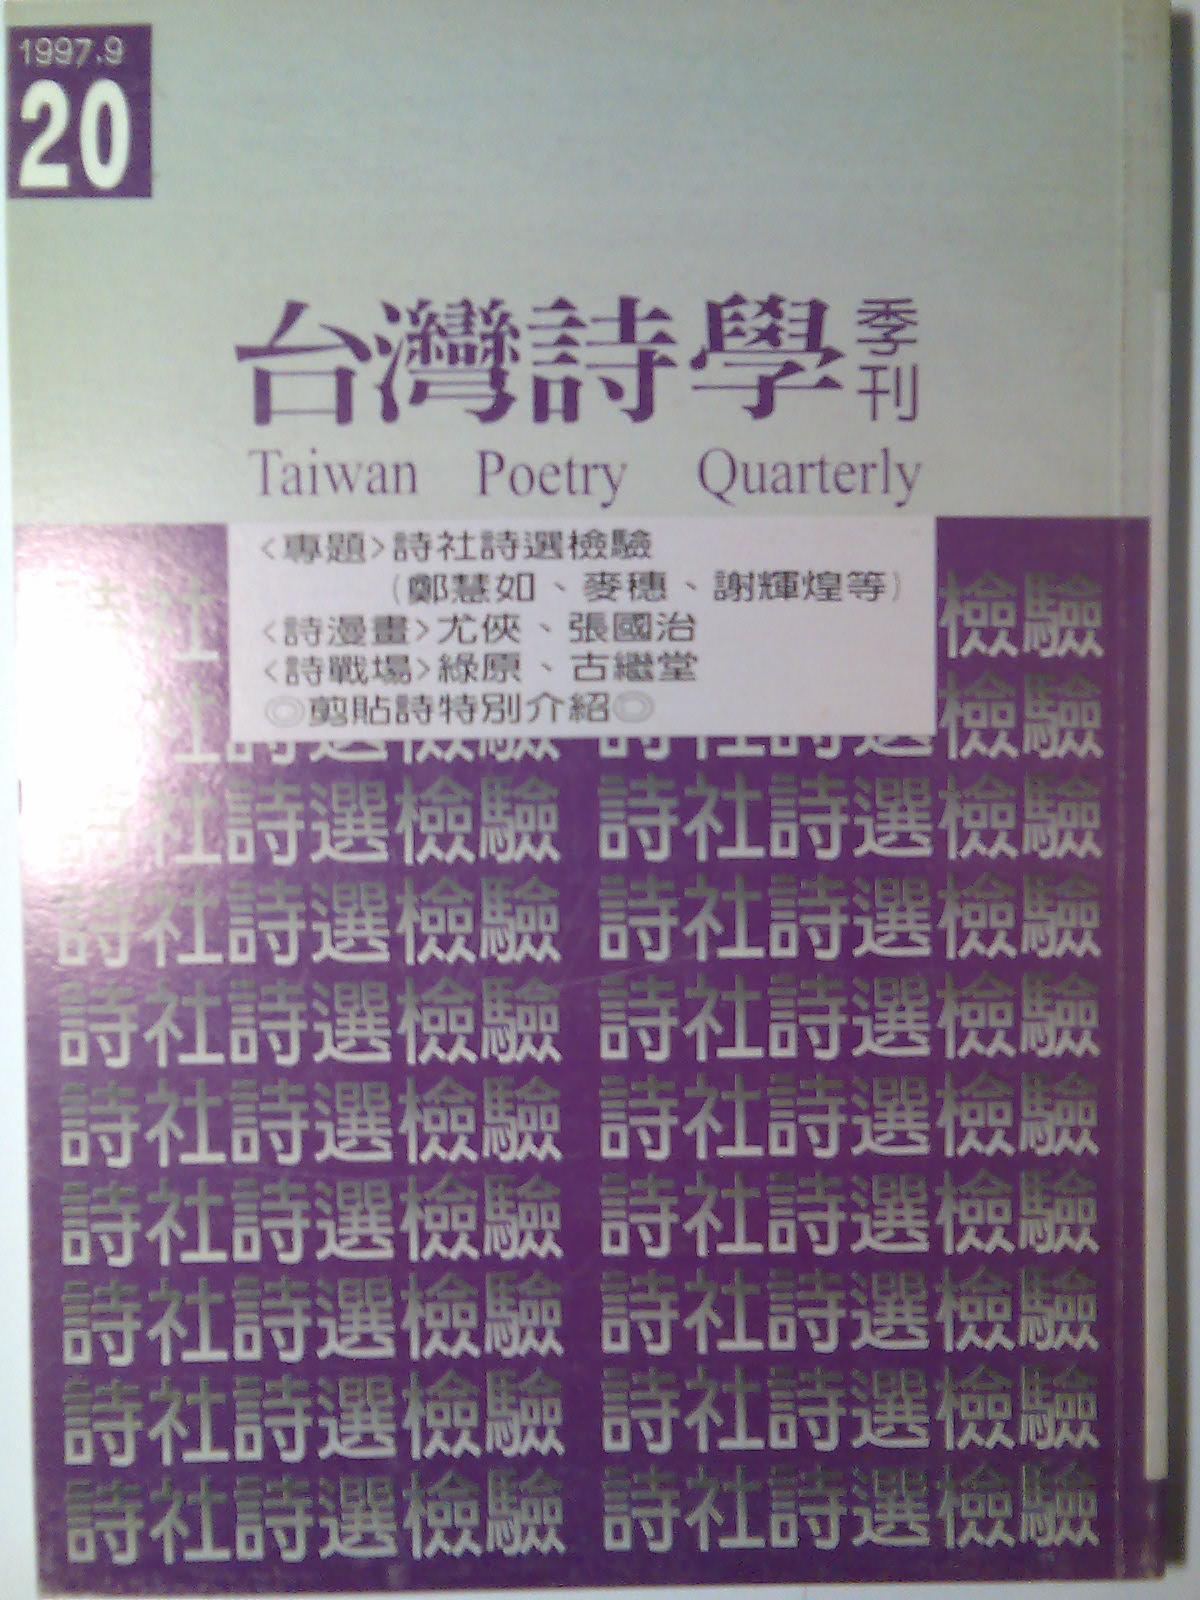 台灣詩學季刊